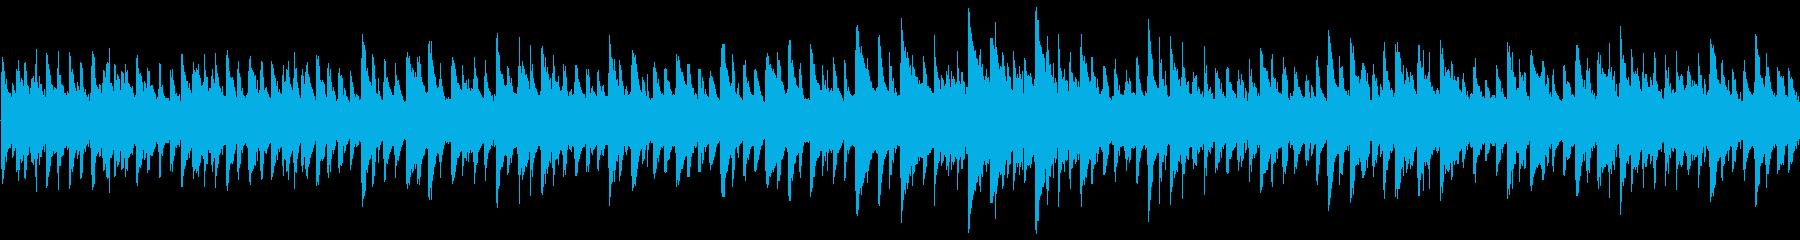 8bit ファンタジー系のループBGMの再生済みの波形